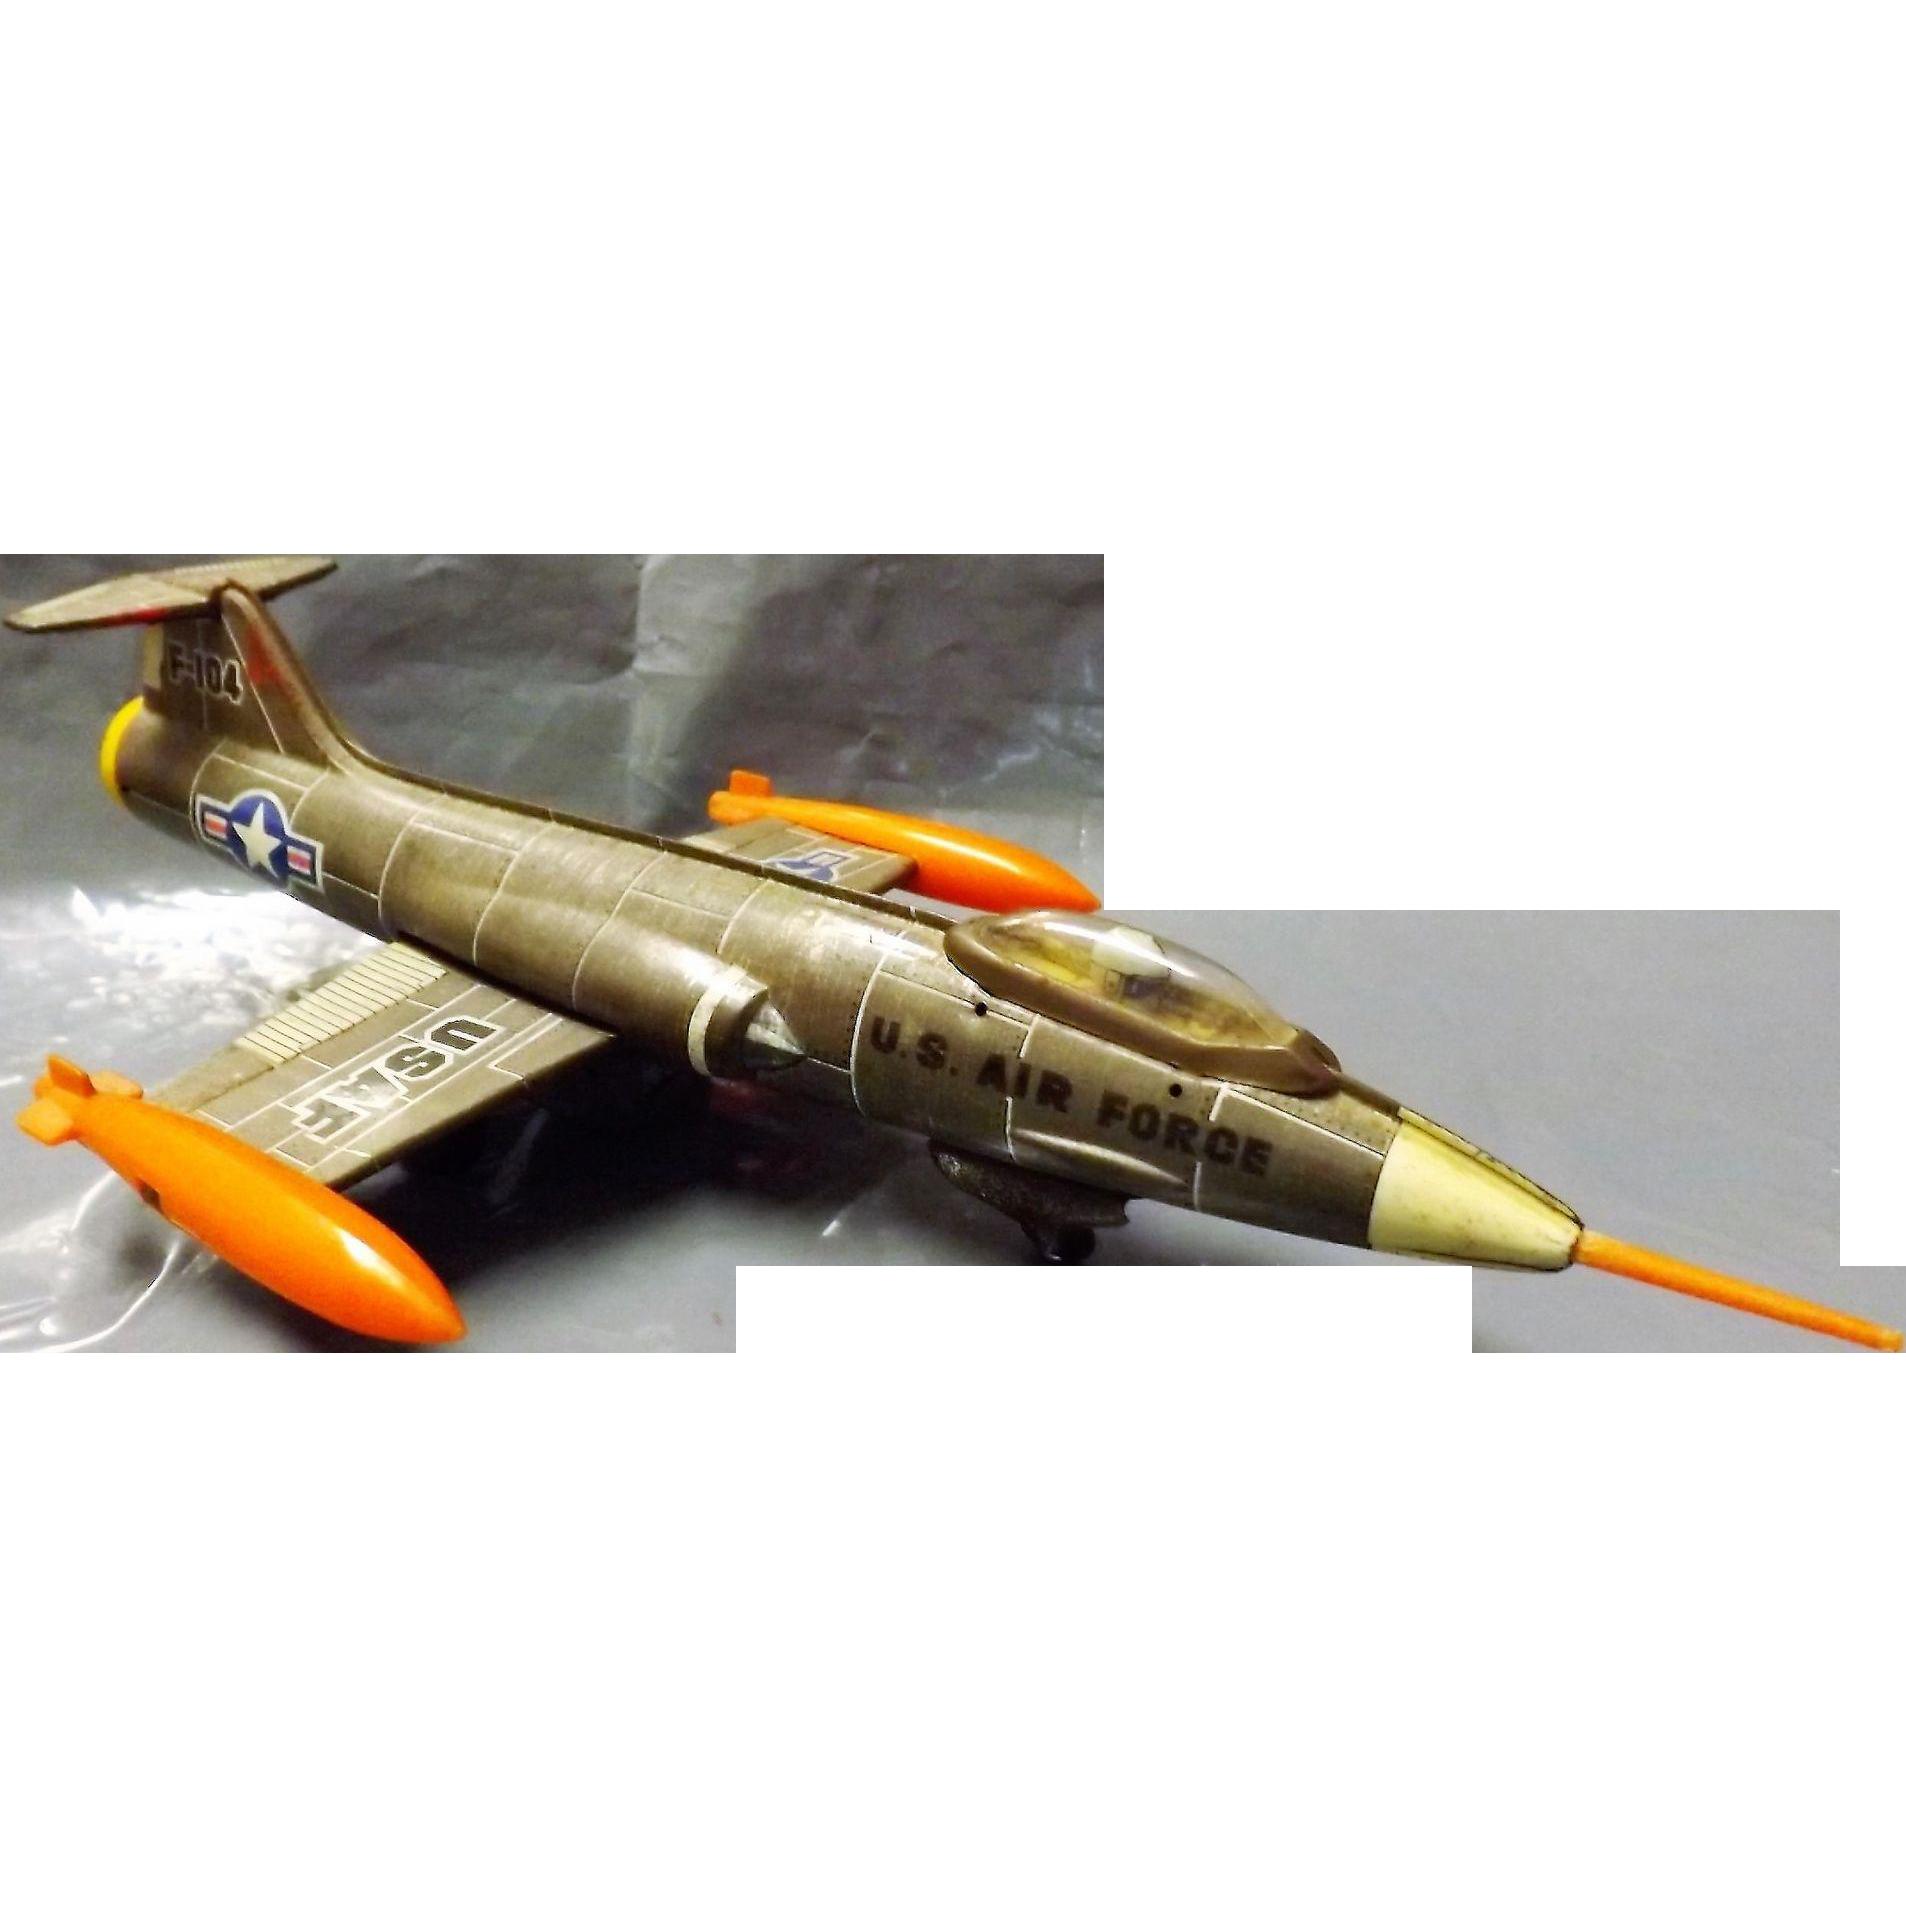 Rare Aoshin Shoten USAF  F-104 STARFIGHTER Friction Tin Toy Plane